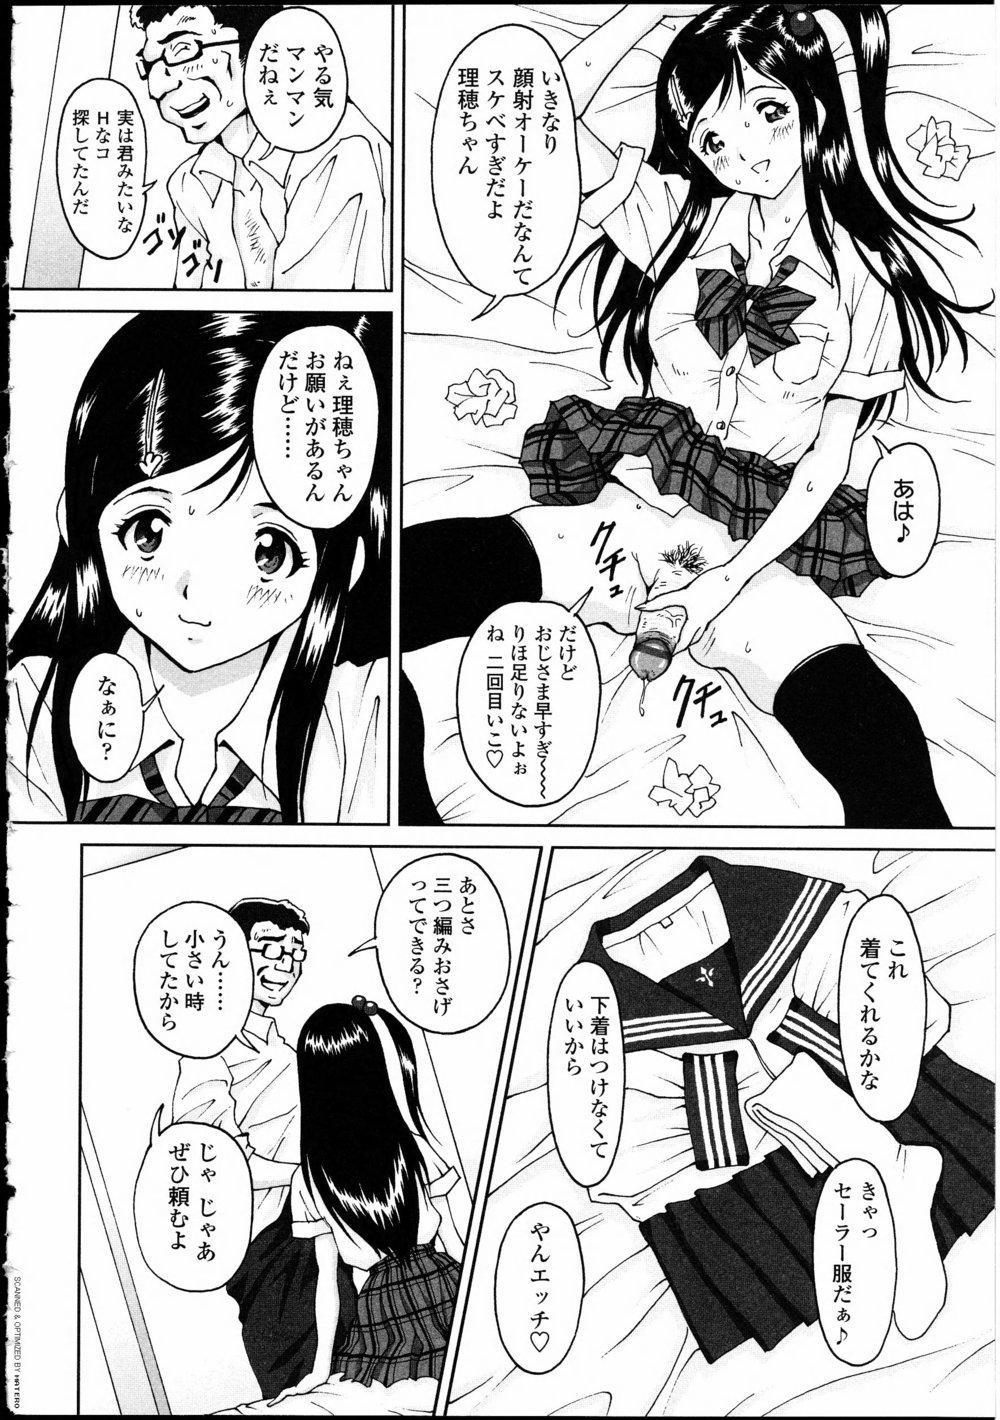 Futanarikko LOVE 10 95